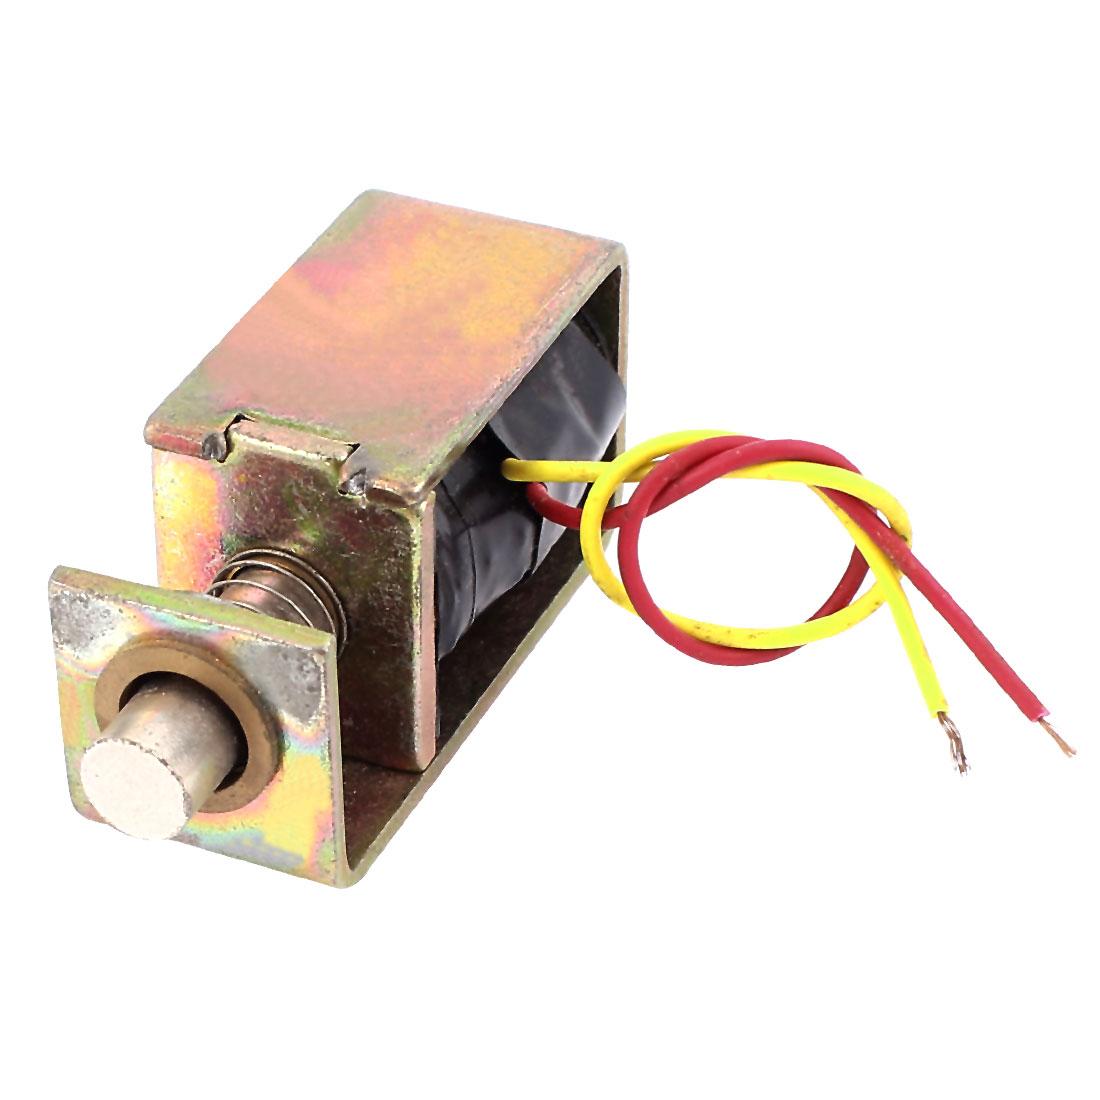 DC 6V 0.15A 8mm 12g Open Frame Electric Door Lock Solenoid Electromagnet